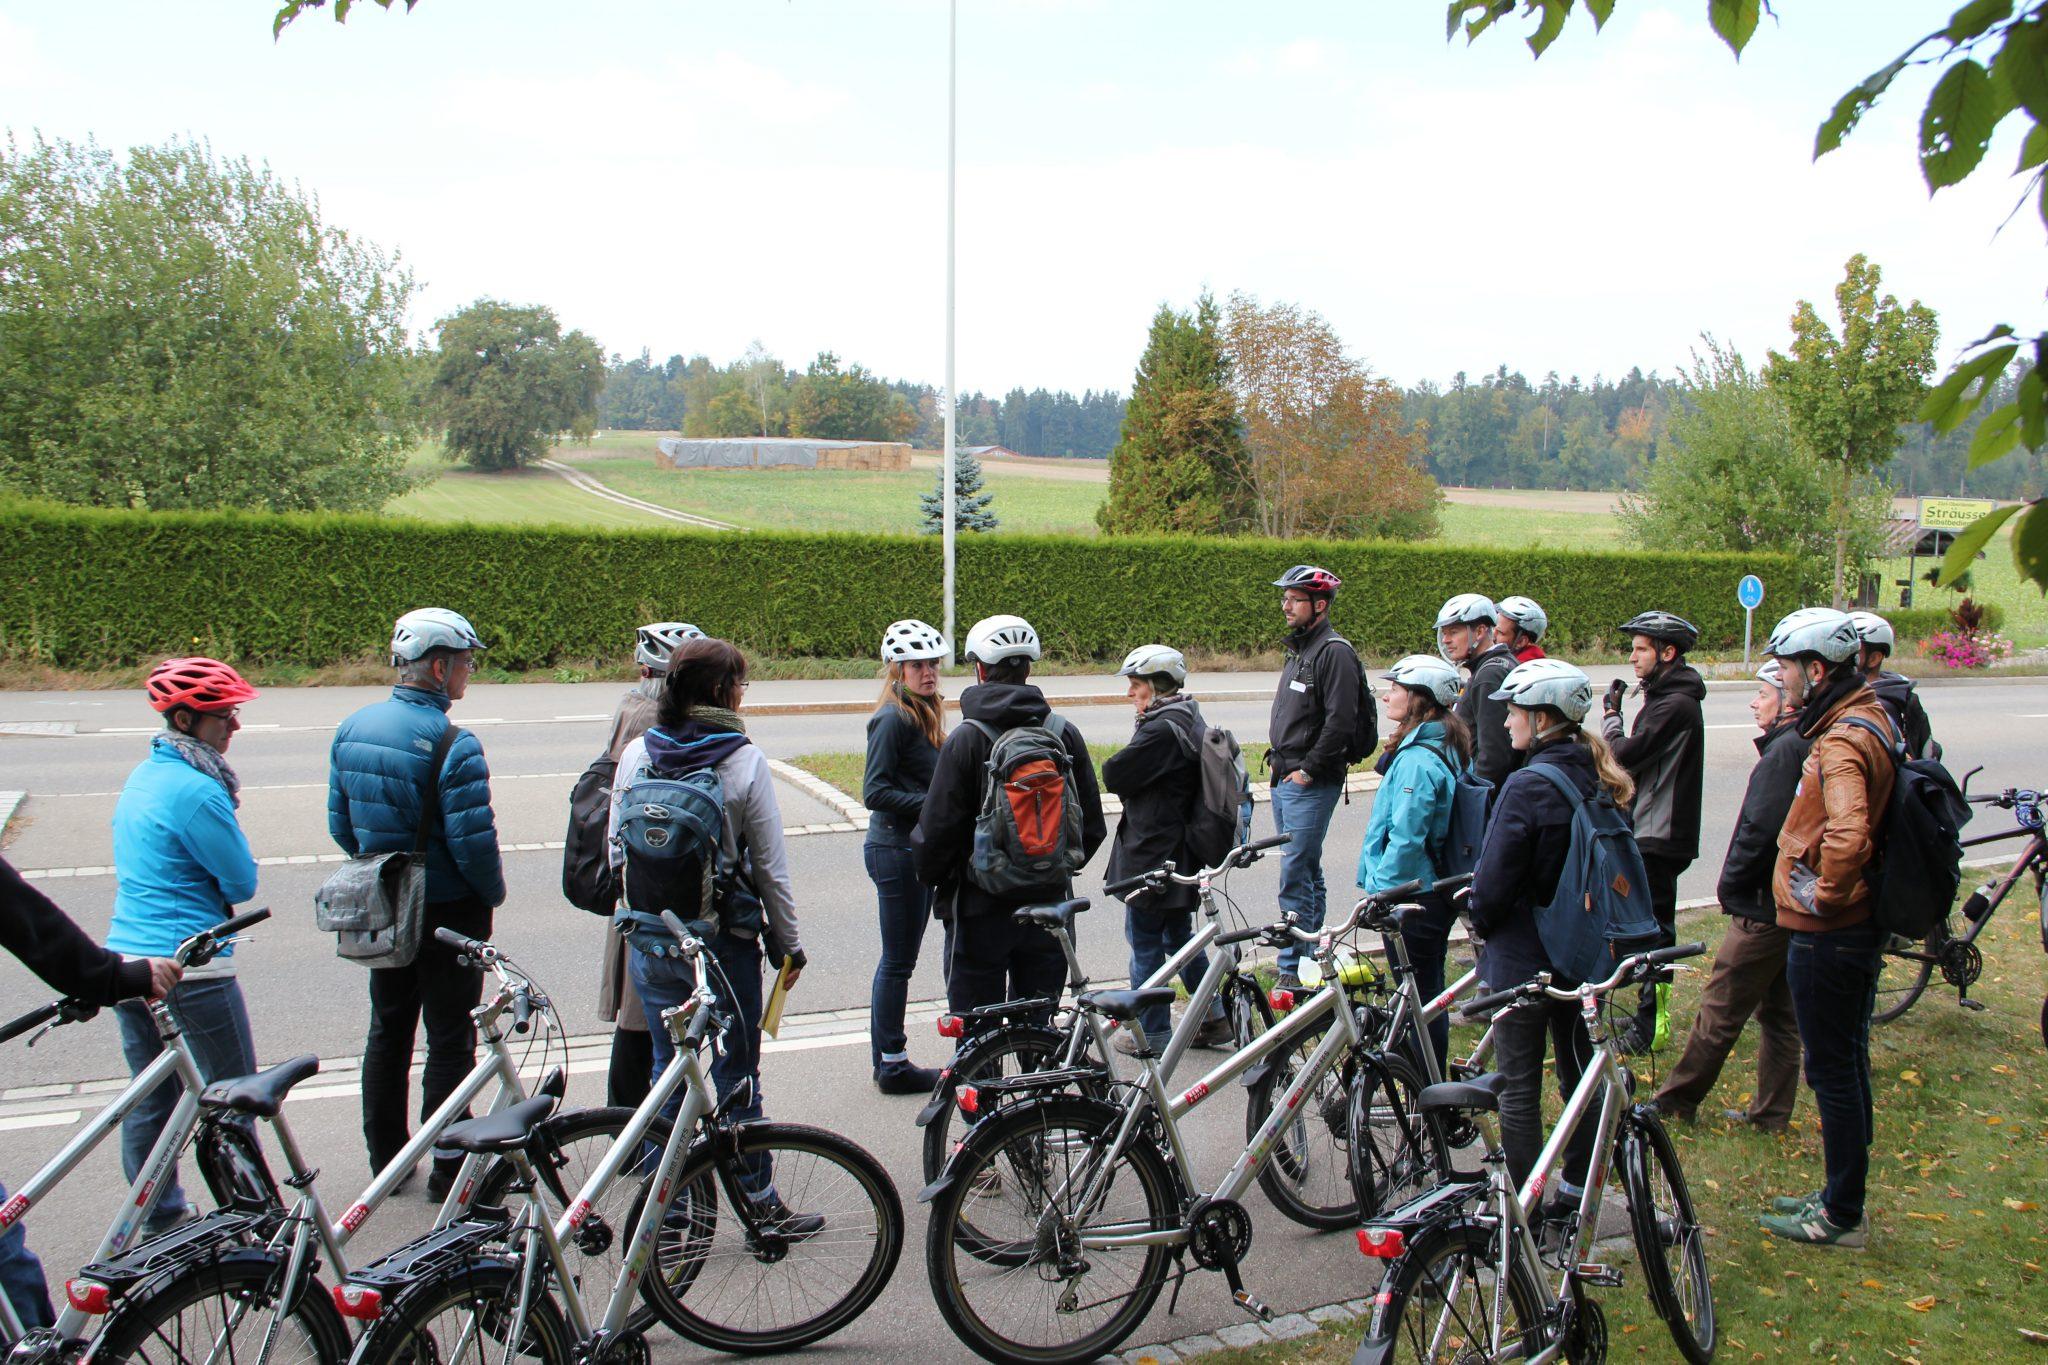 Rundfahrt Infrastruk-Tour vor der Mitgliederversammlung von Pro Velo Zürich